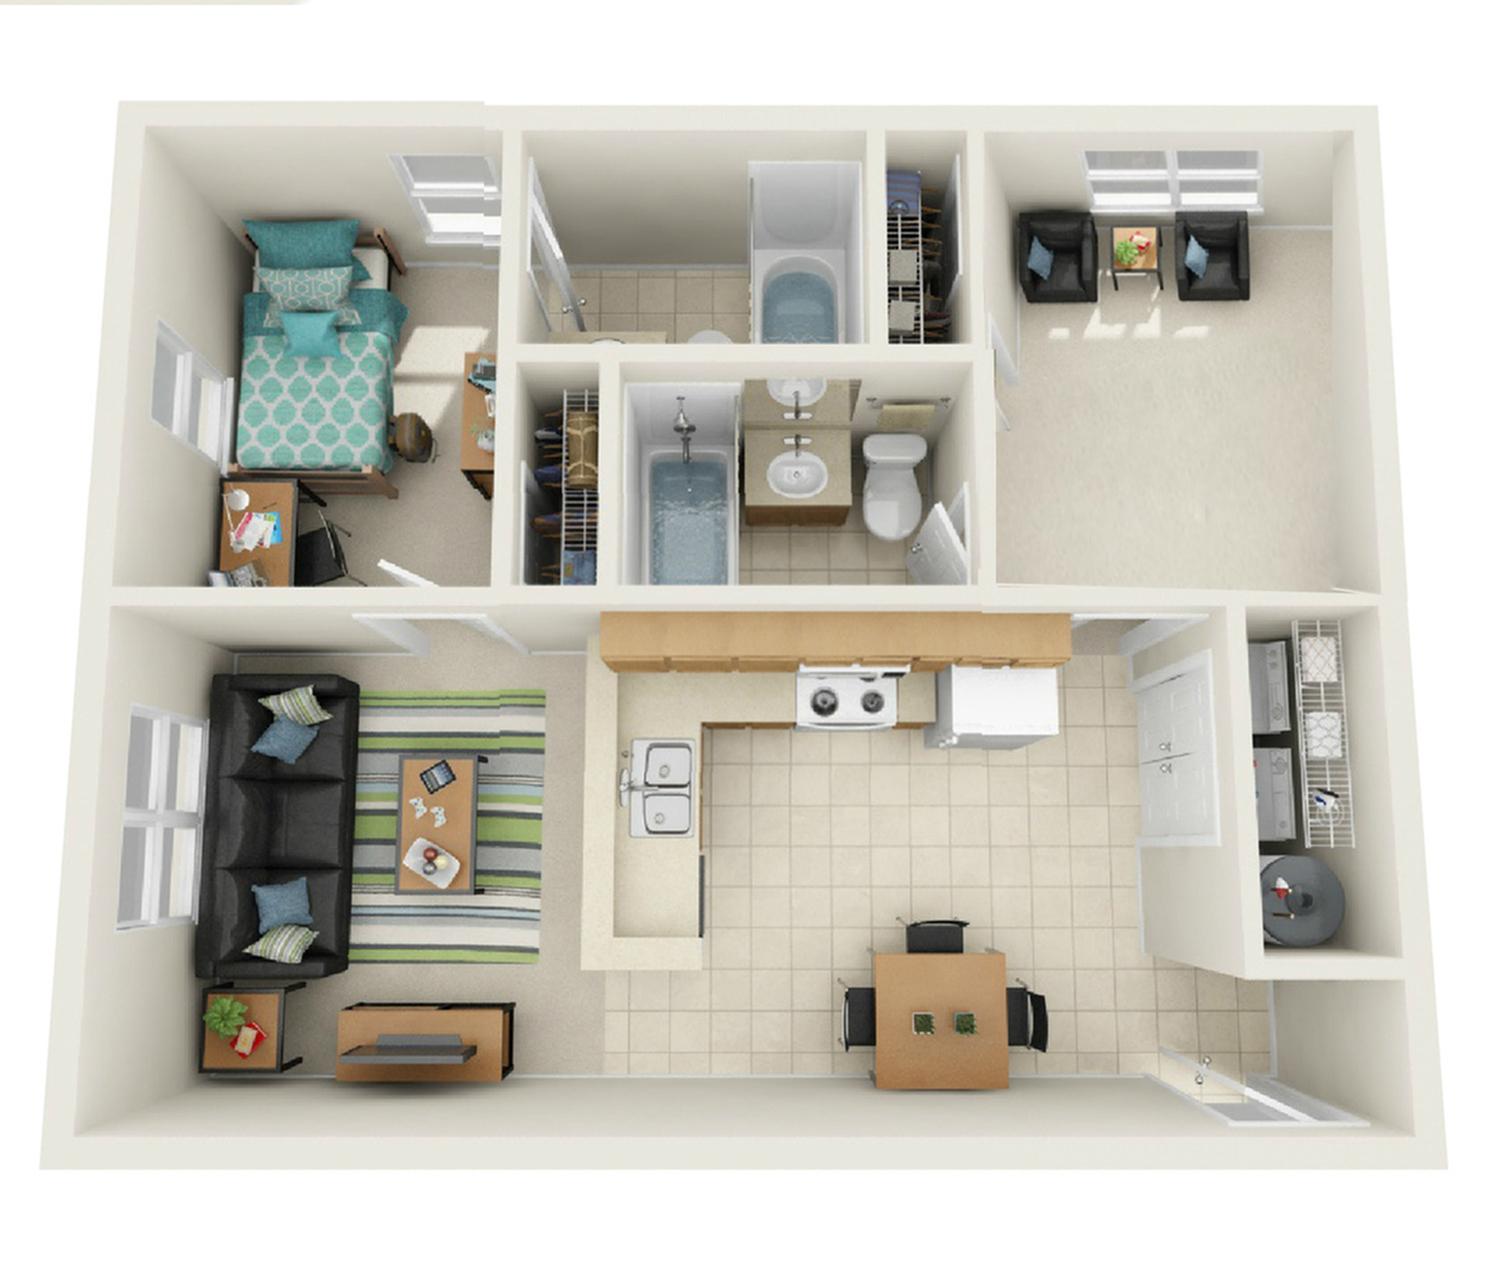 2 Bedroom Deluxe Floor Plan